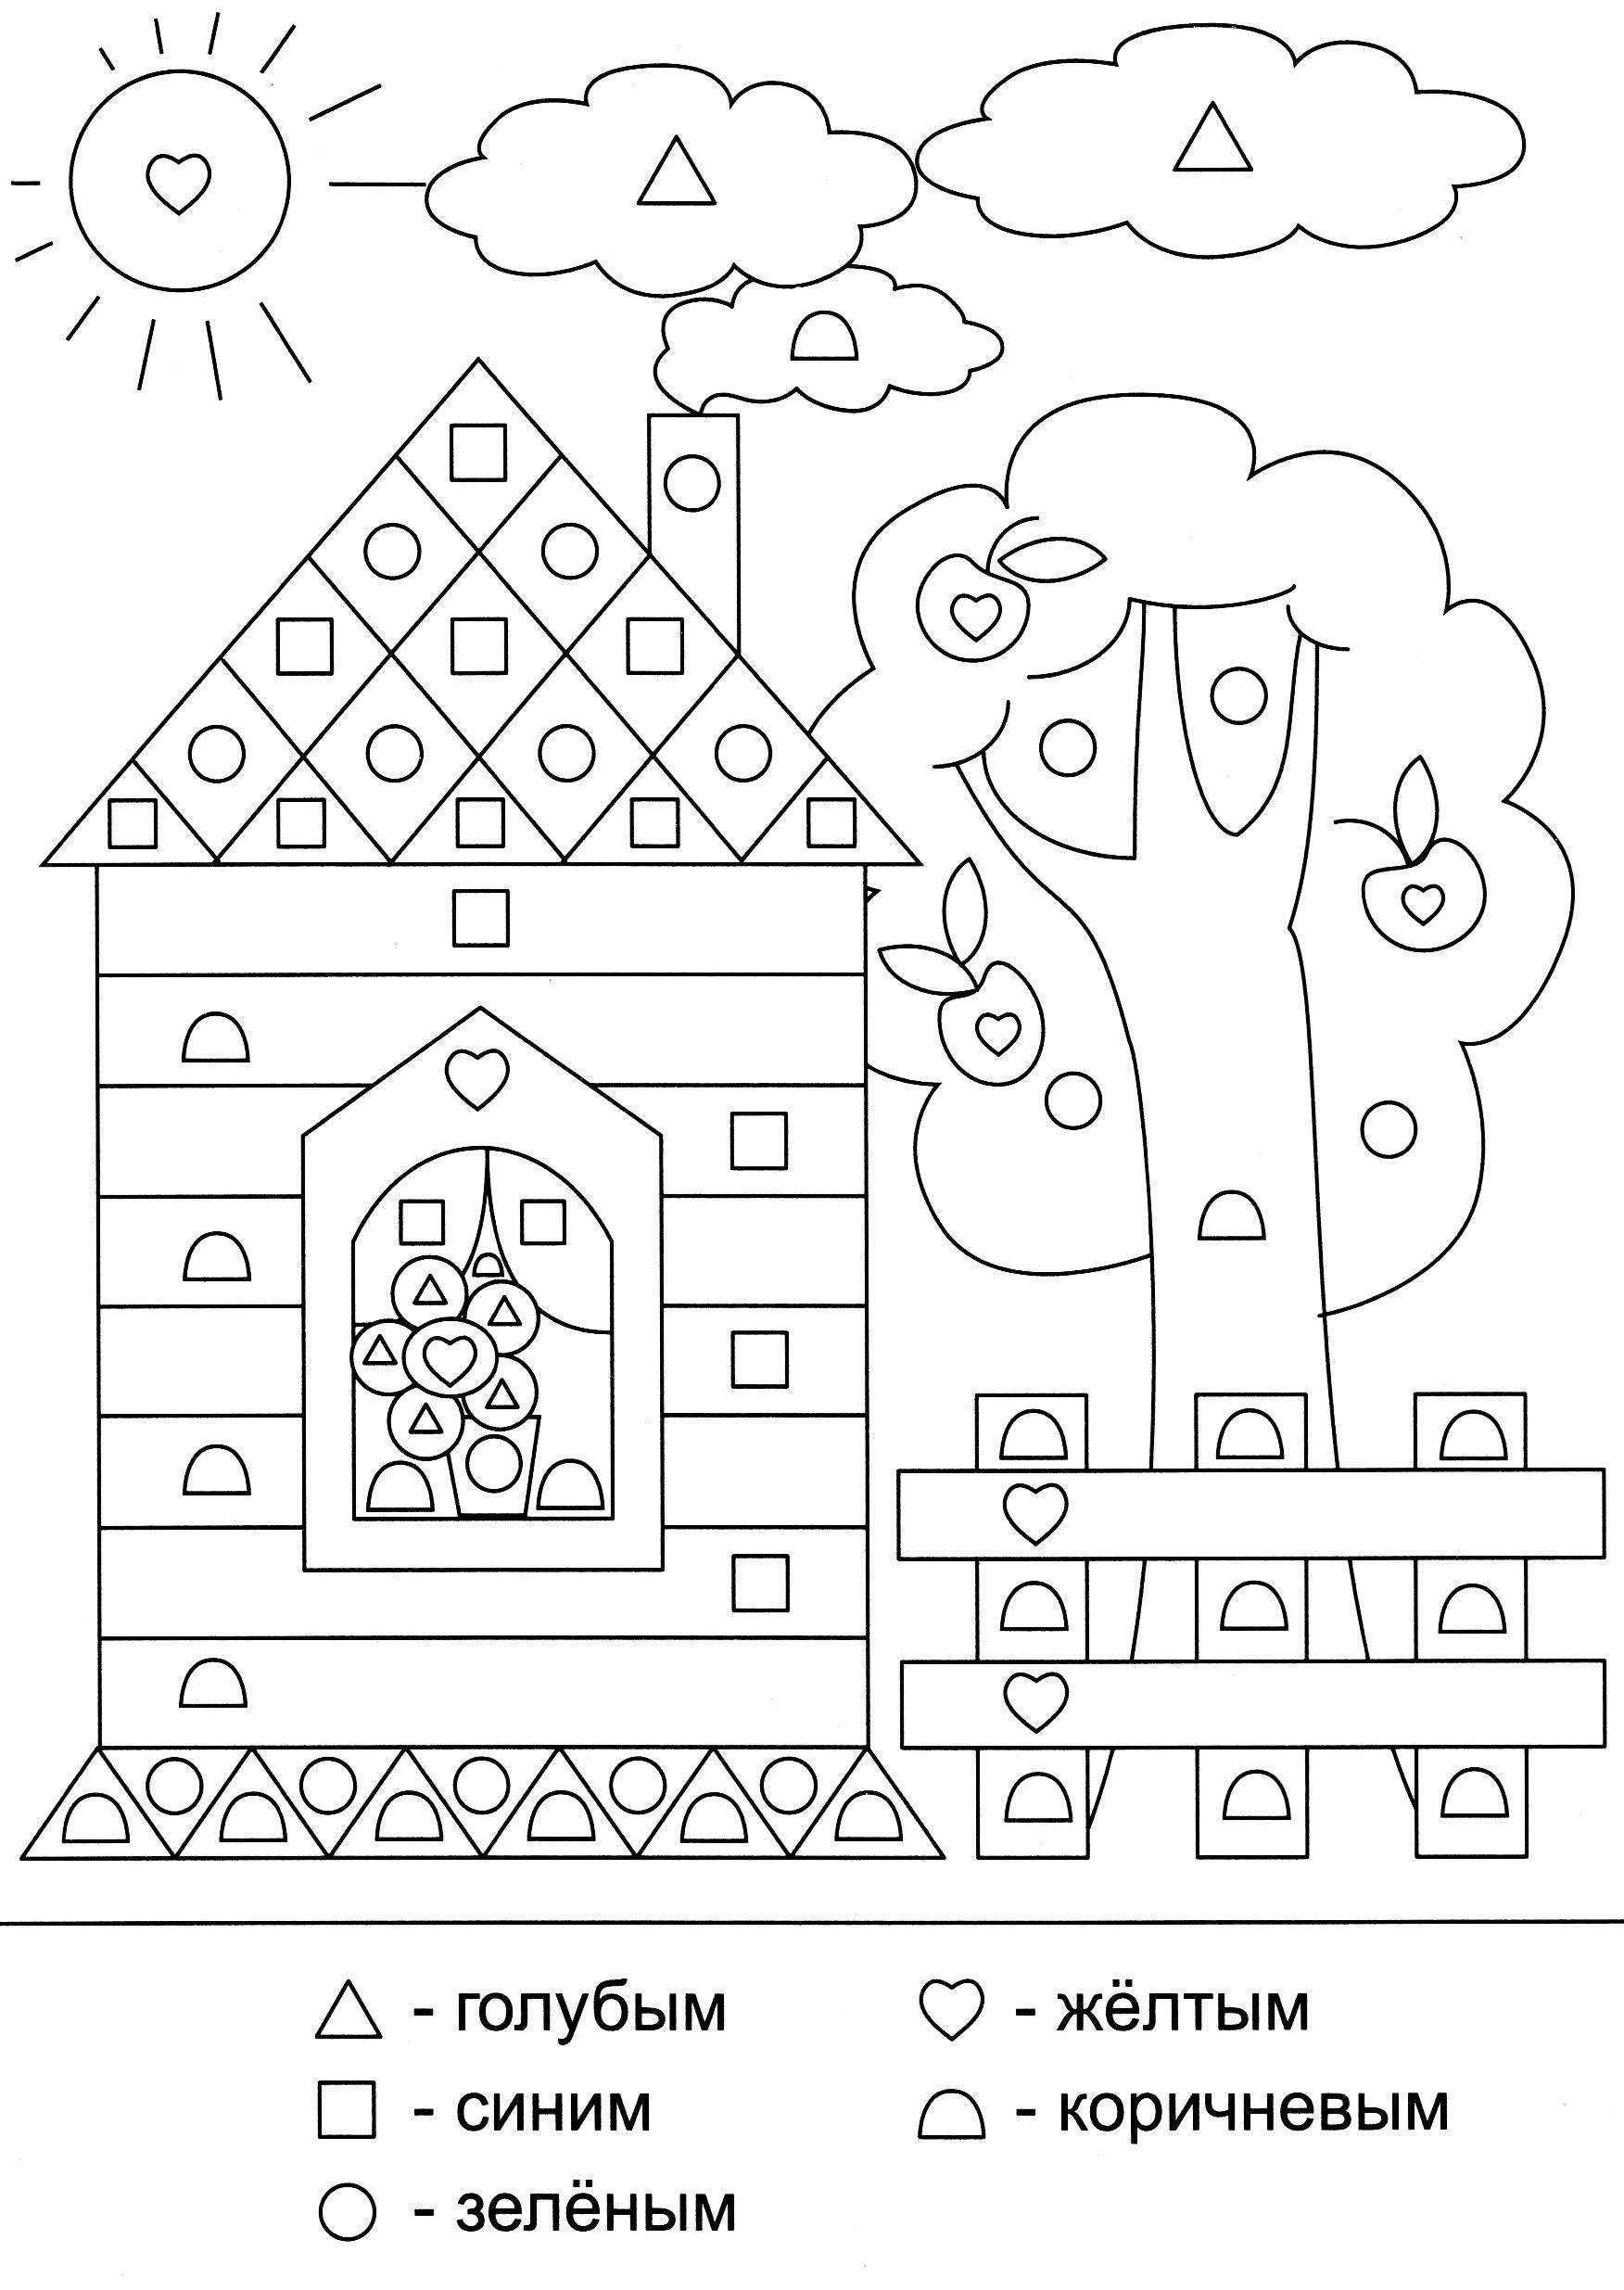 Luxe Dessin école Maternelle à Colorier